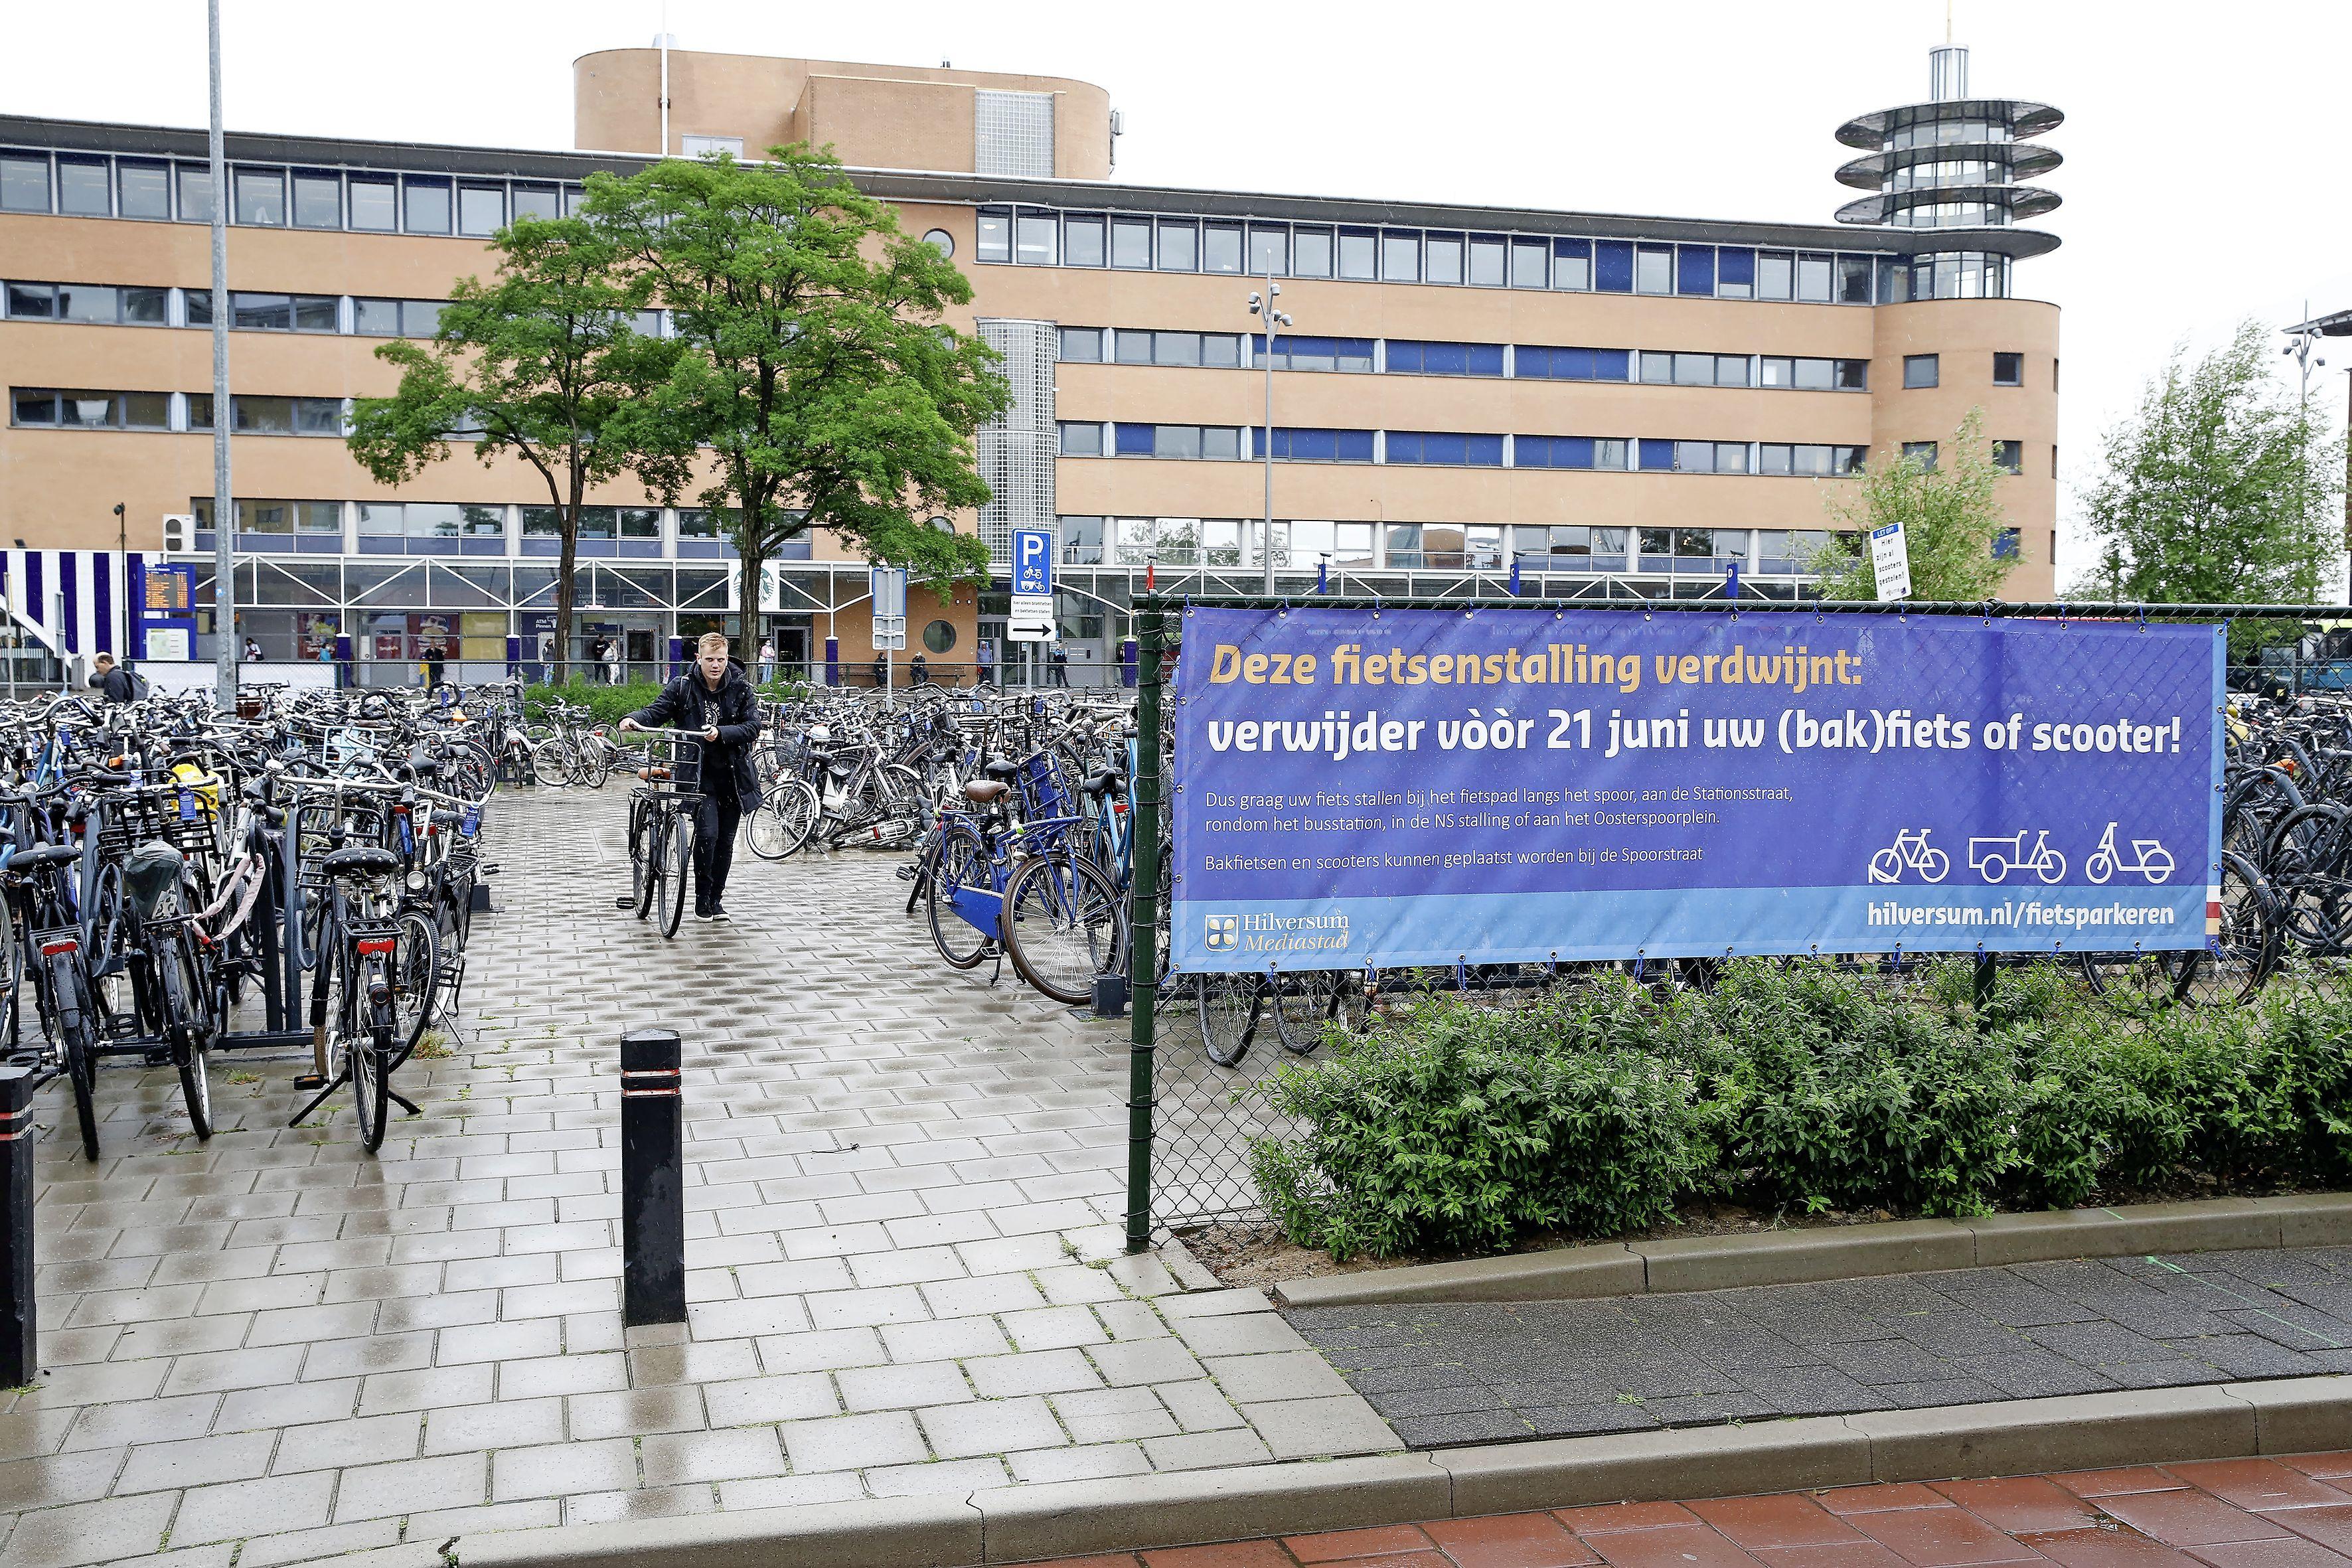 Hilversumse fietsers zijn ongehoorzaam. Gemeente moet het weghalen van de fietsenrekken voor het station noodgedwongen een week uitstellen. 'Er staan nog teveel fietsen'